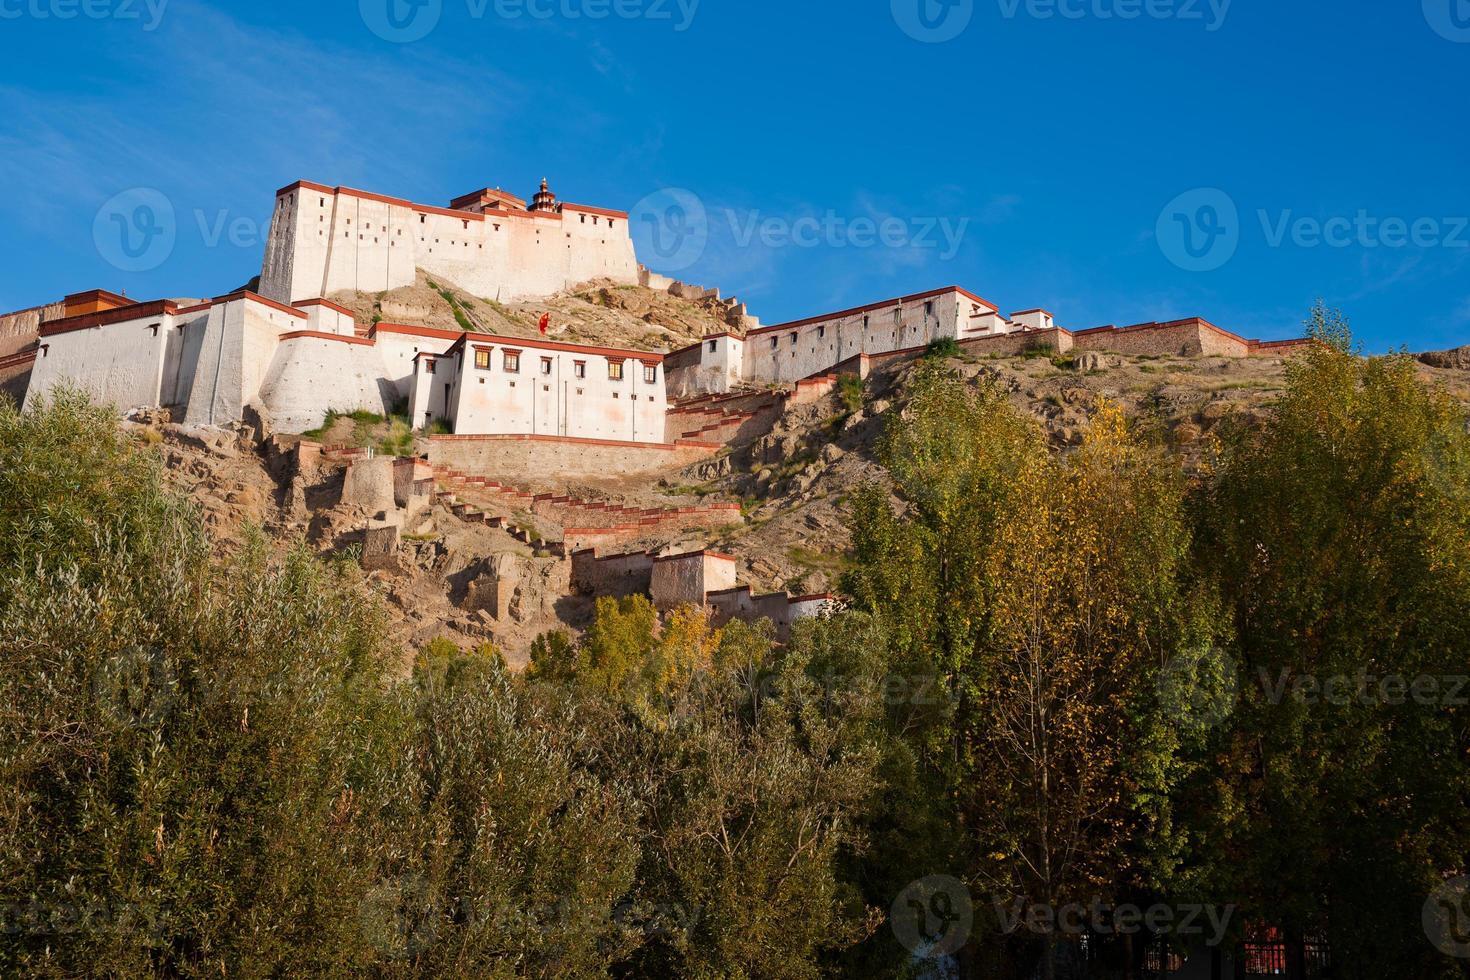 Castelo de zongshan. recolhido o gyangtse (gyangze) do Tibete. foto